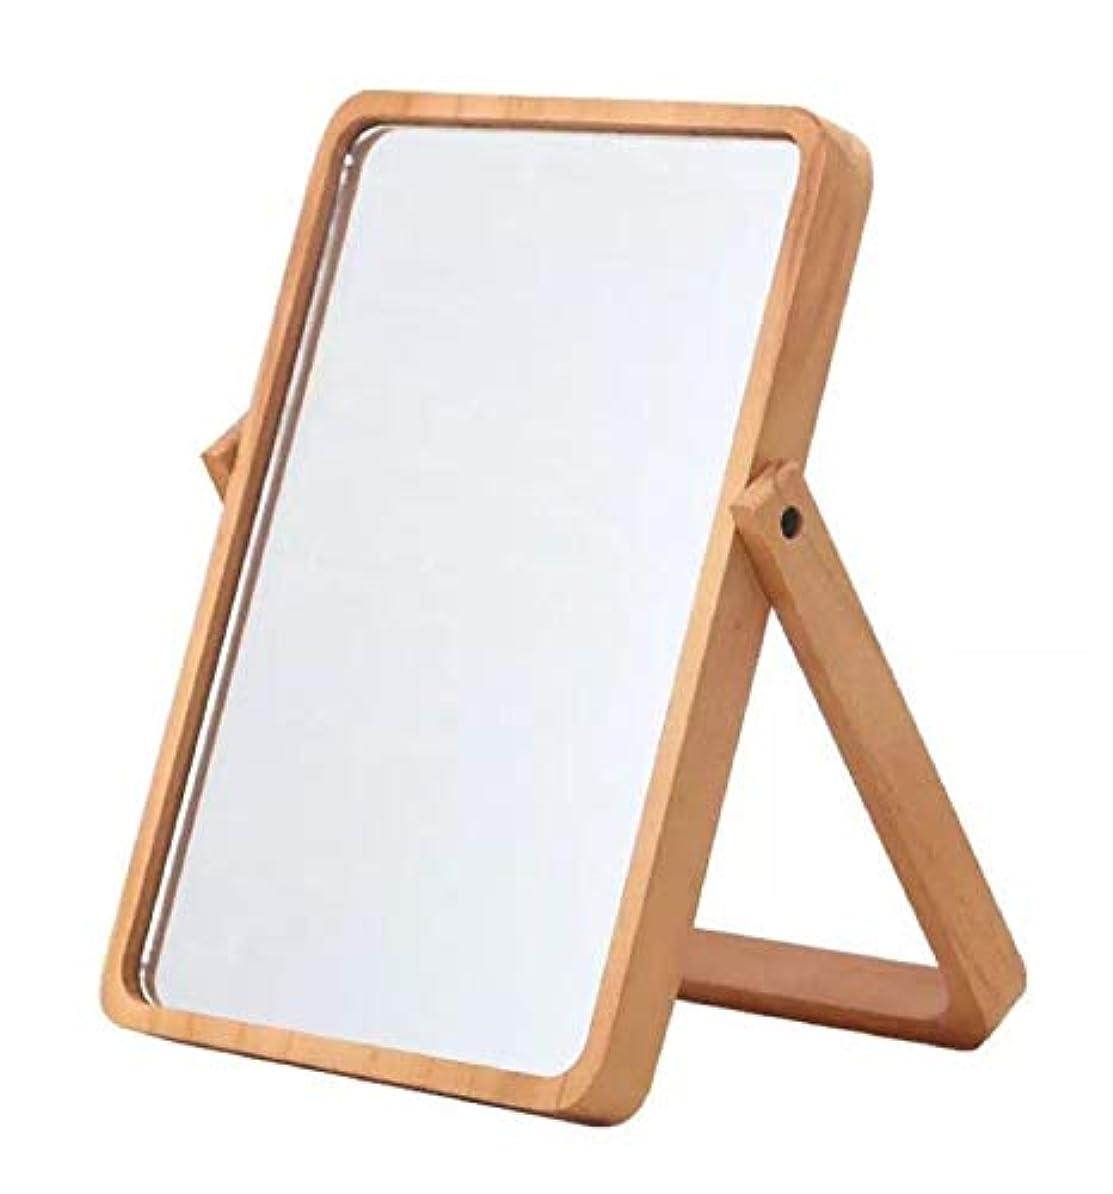 占める絶え間ない有用卓上鏡 木枠 鏡 壁掛け 卓上 ミラー 木製フレーム 卓上ミラー 木 スタンド式 化粧鏡 化粧ミラー26.5×20×2㎝